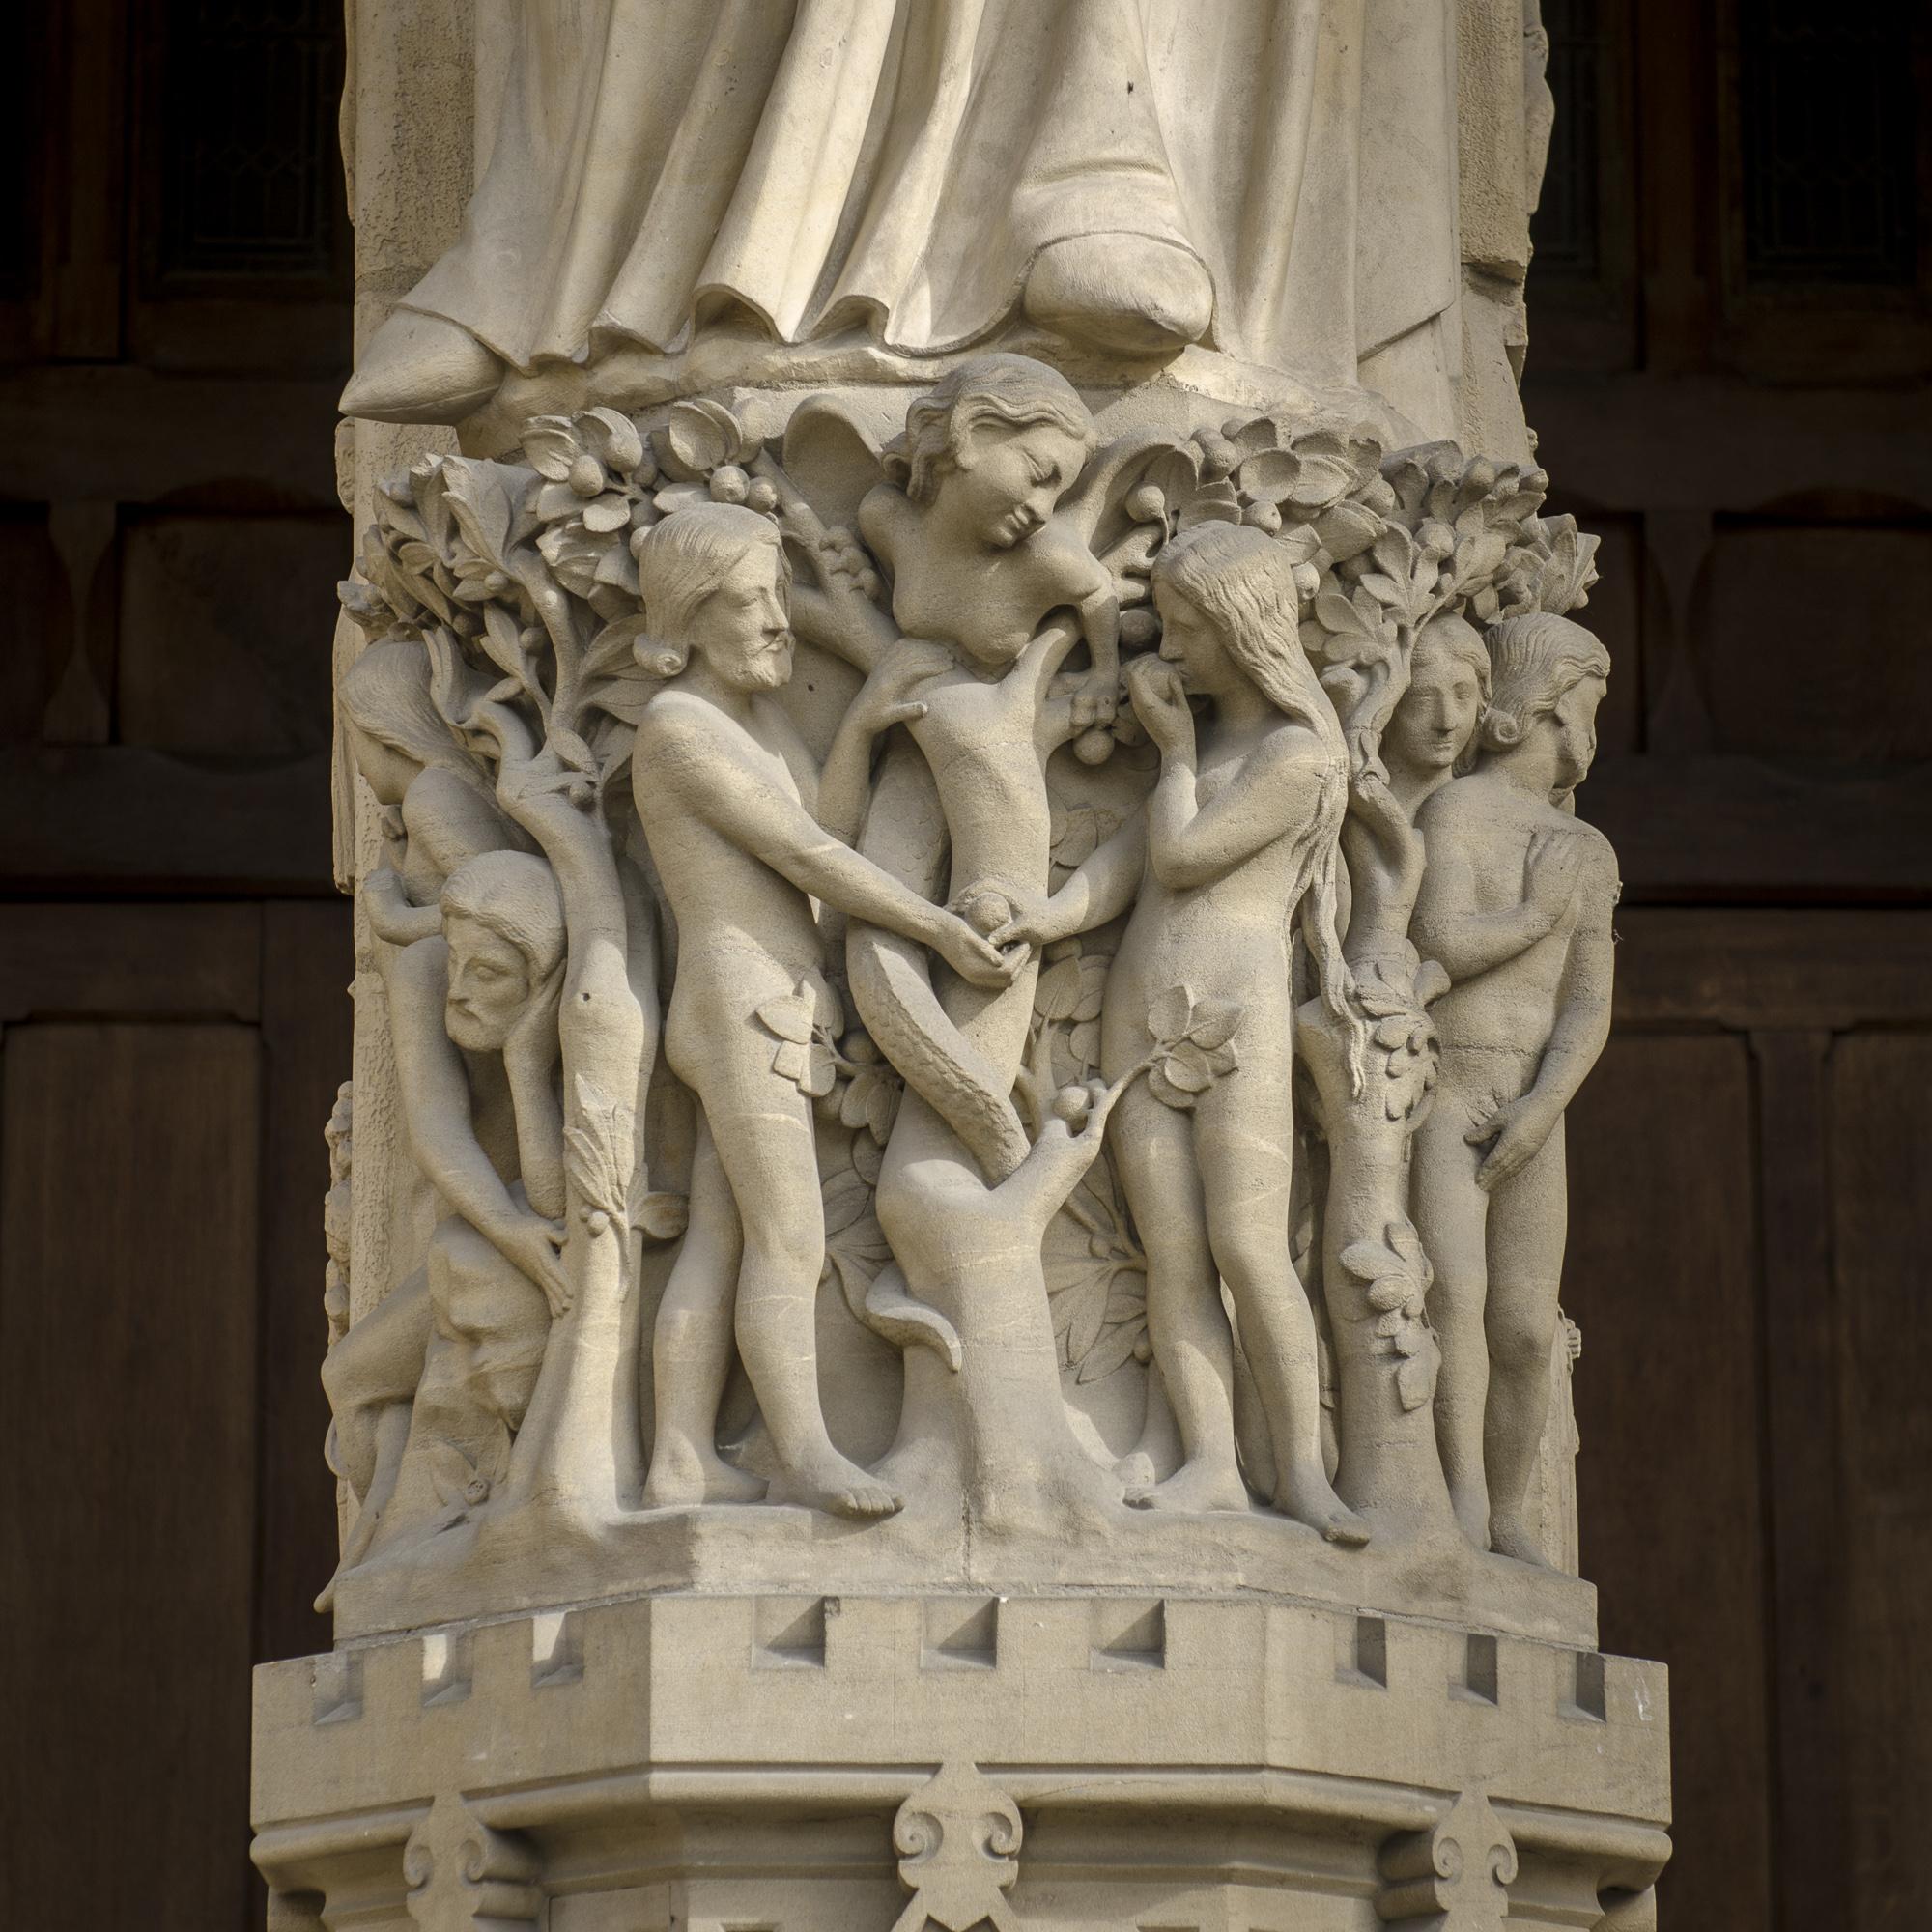 Parvis Notre Dame - Place Jean-Paul II  PHOTOGRAPHY : ALEXANDER J.E. BRADLEY •Nikon D7000 • AF-S NIKKOR 24-70mm F/2.8G ED • 70mM • F/5 • 1/125 •ISO 100